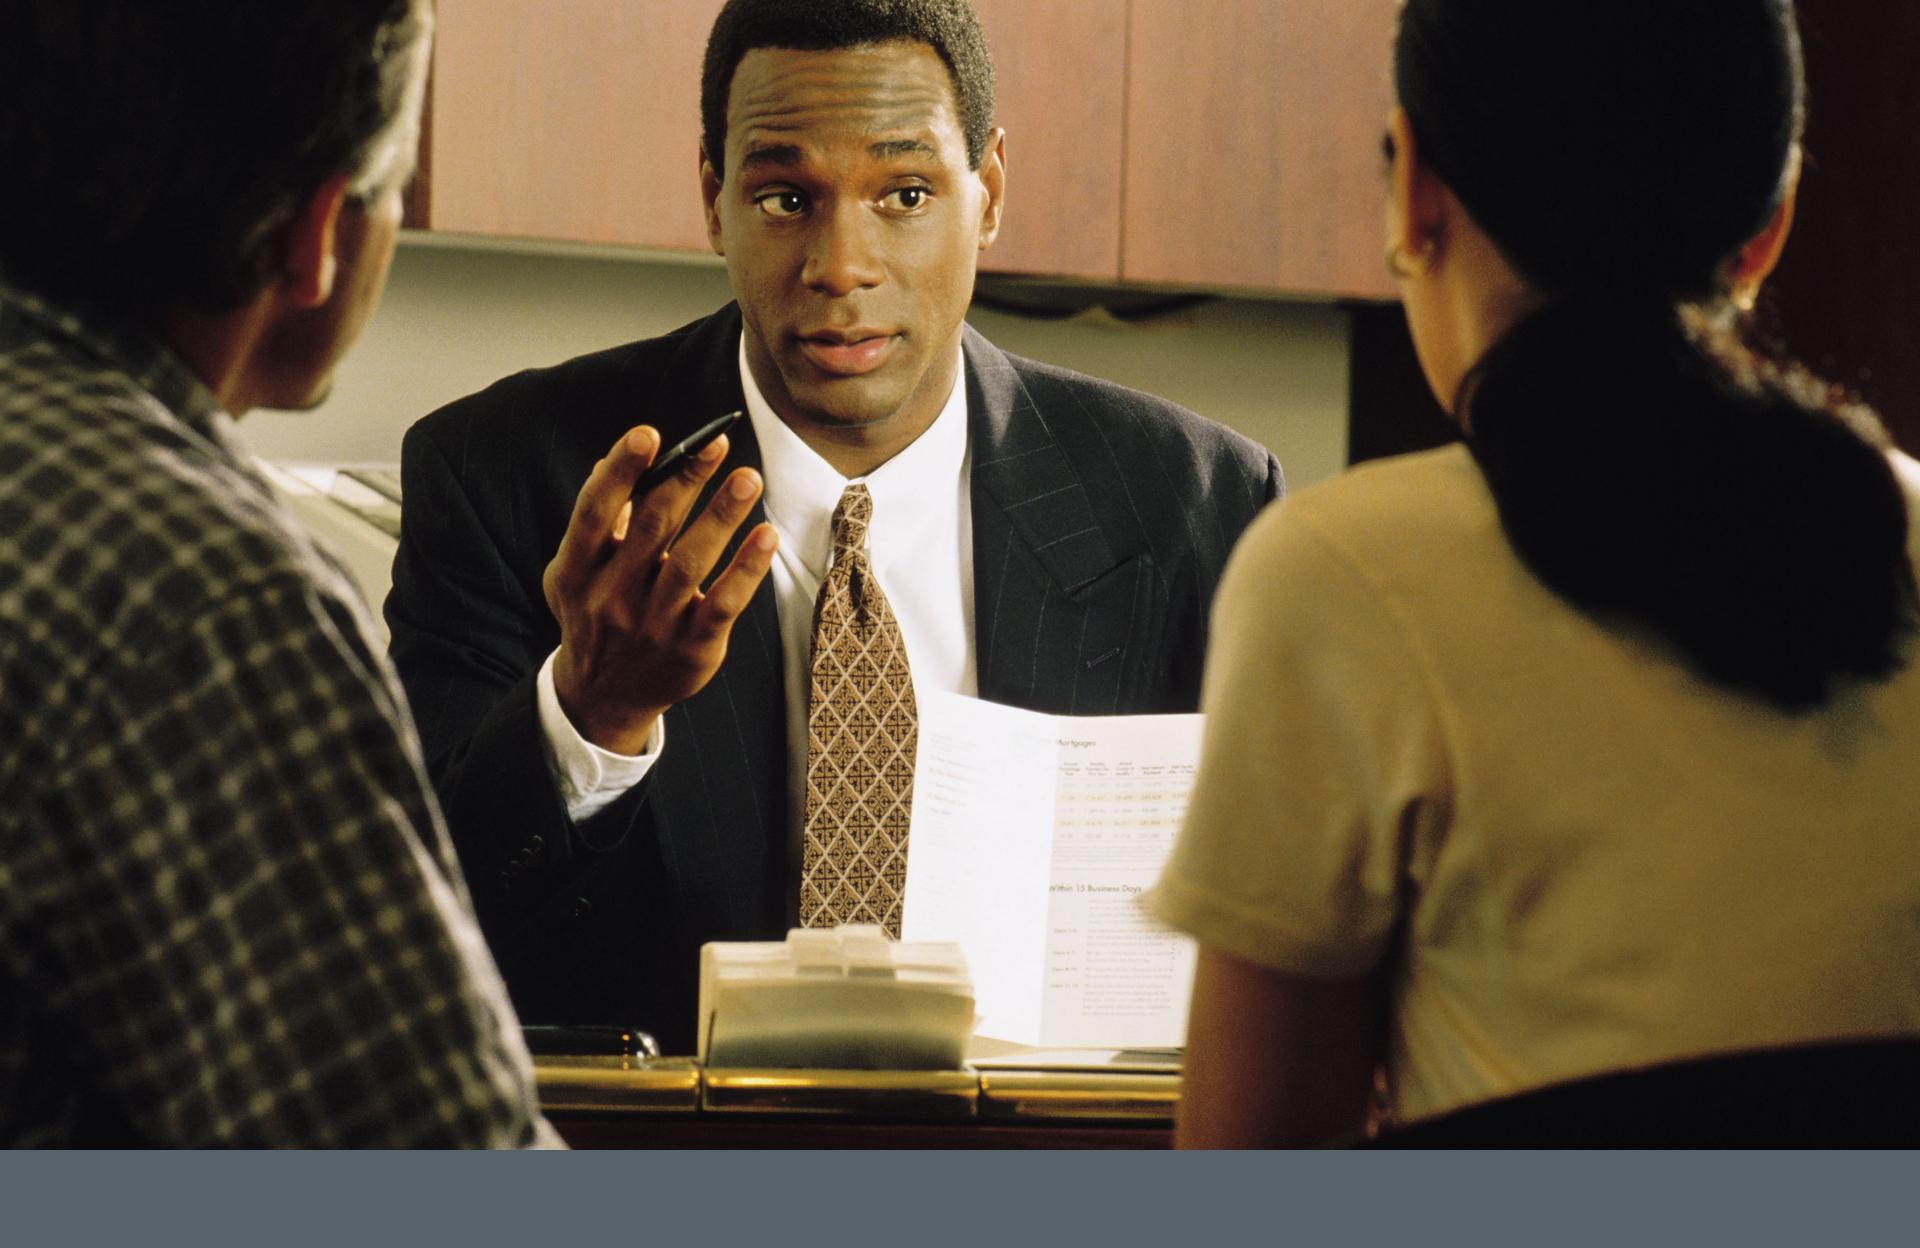 attorneyServices